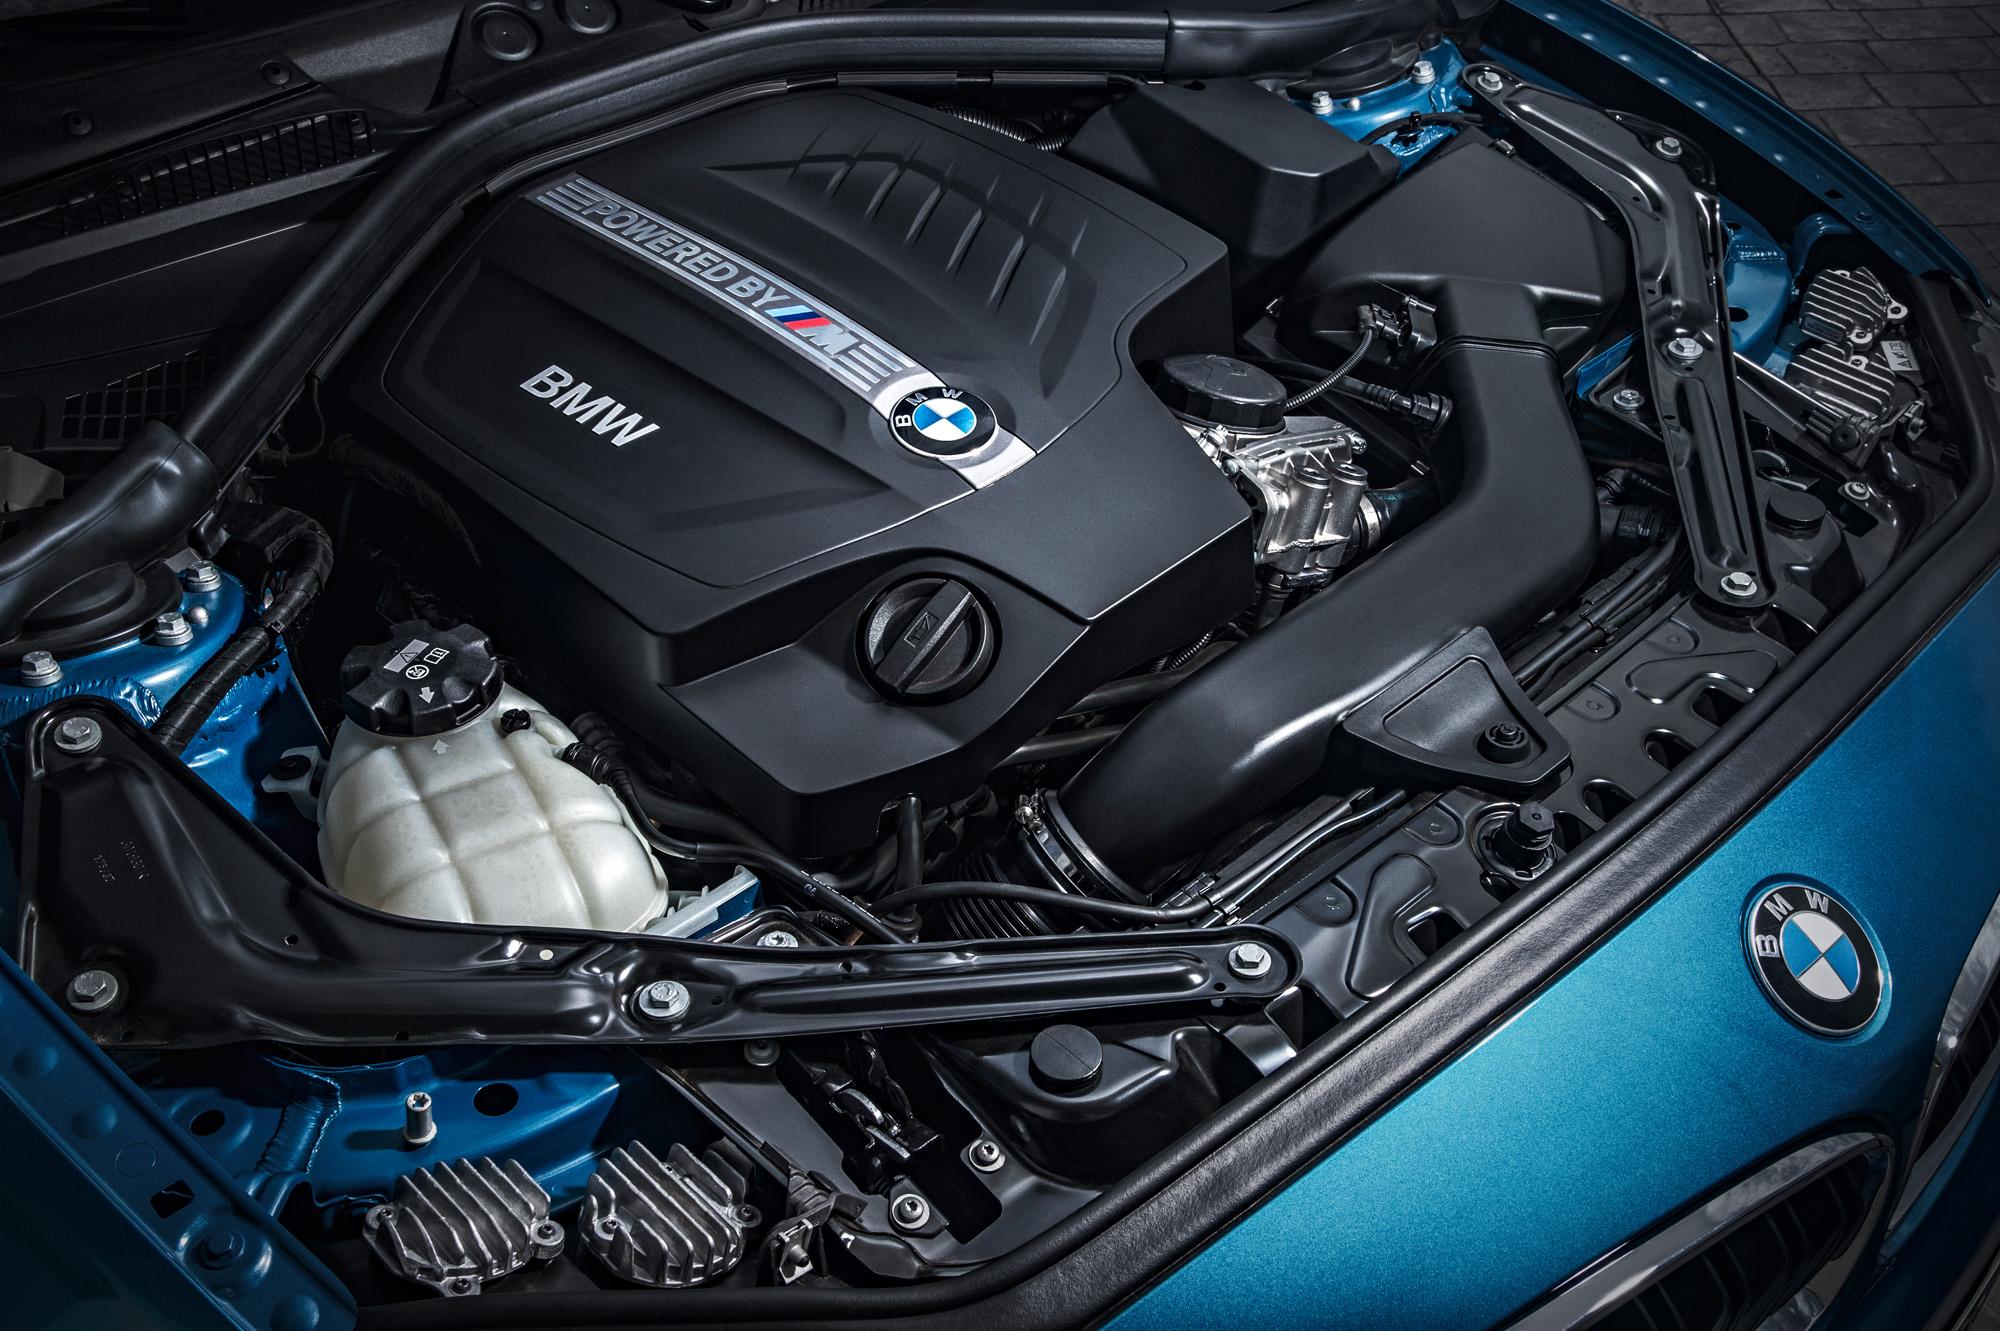 Der Motor des neuen BMW M2